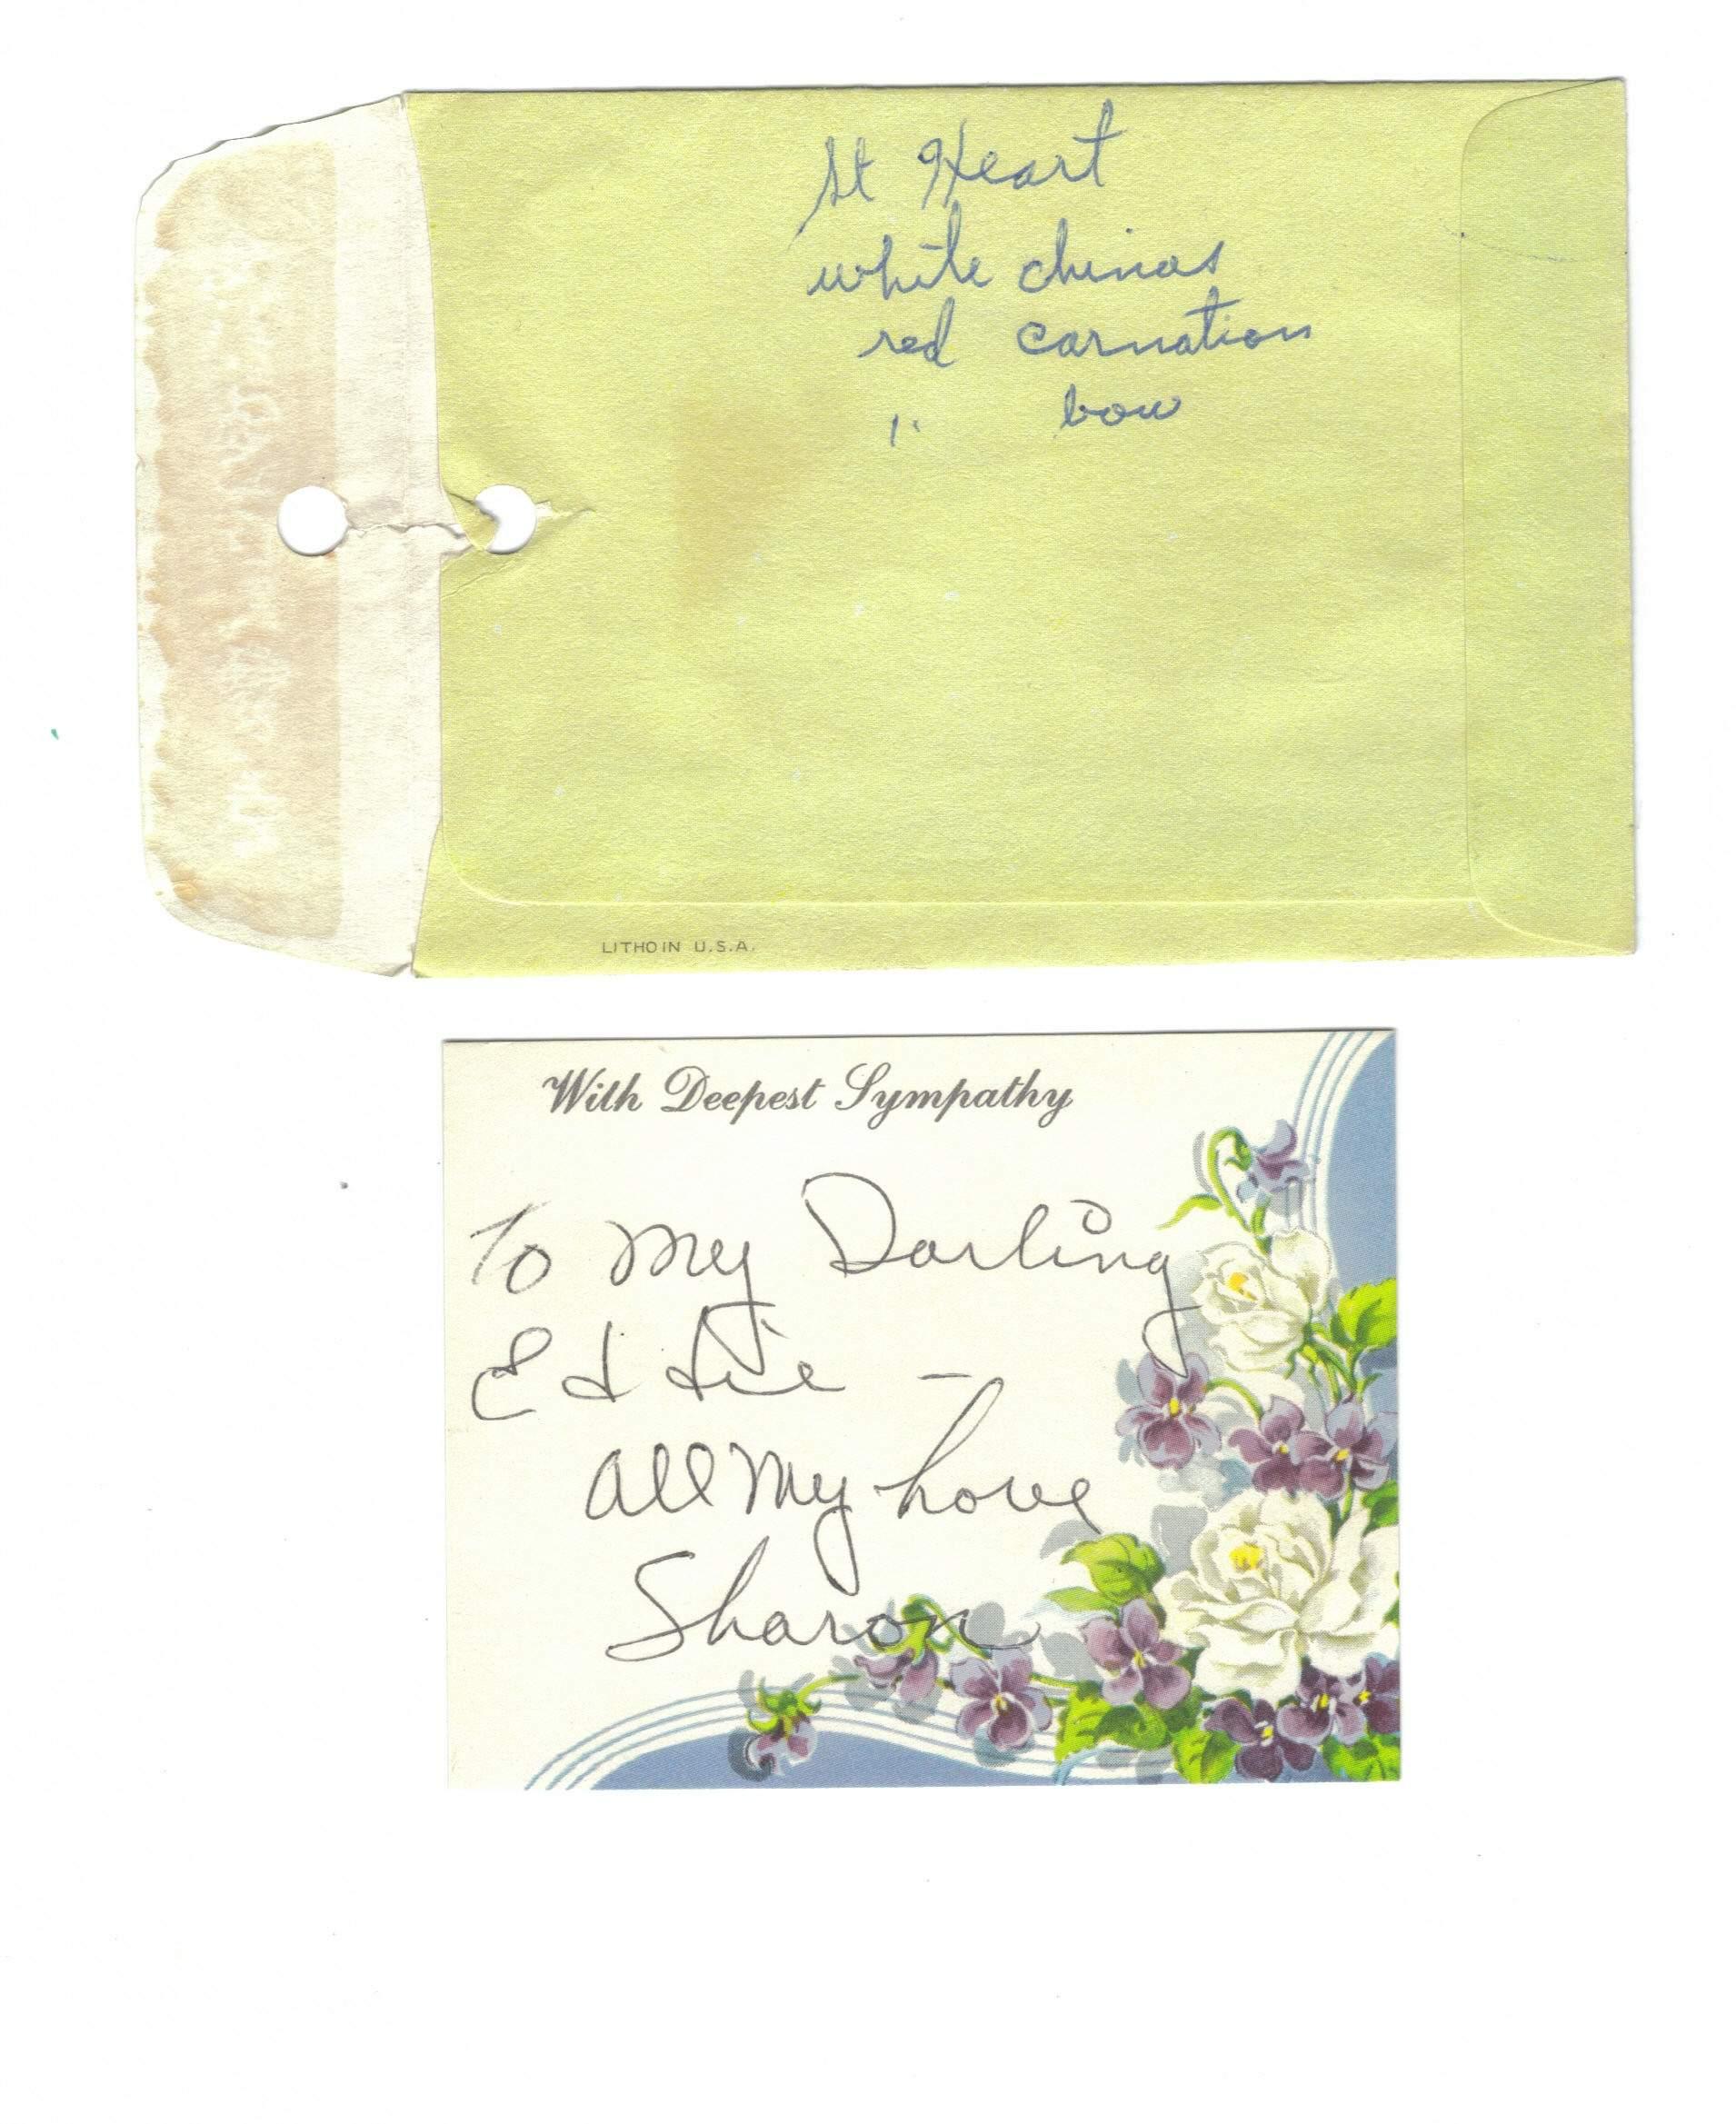 56459_Sympathy_cards_11_1_122_597lo.jpg